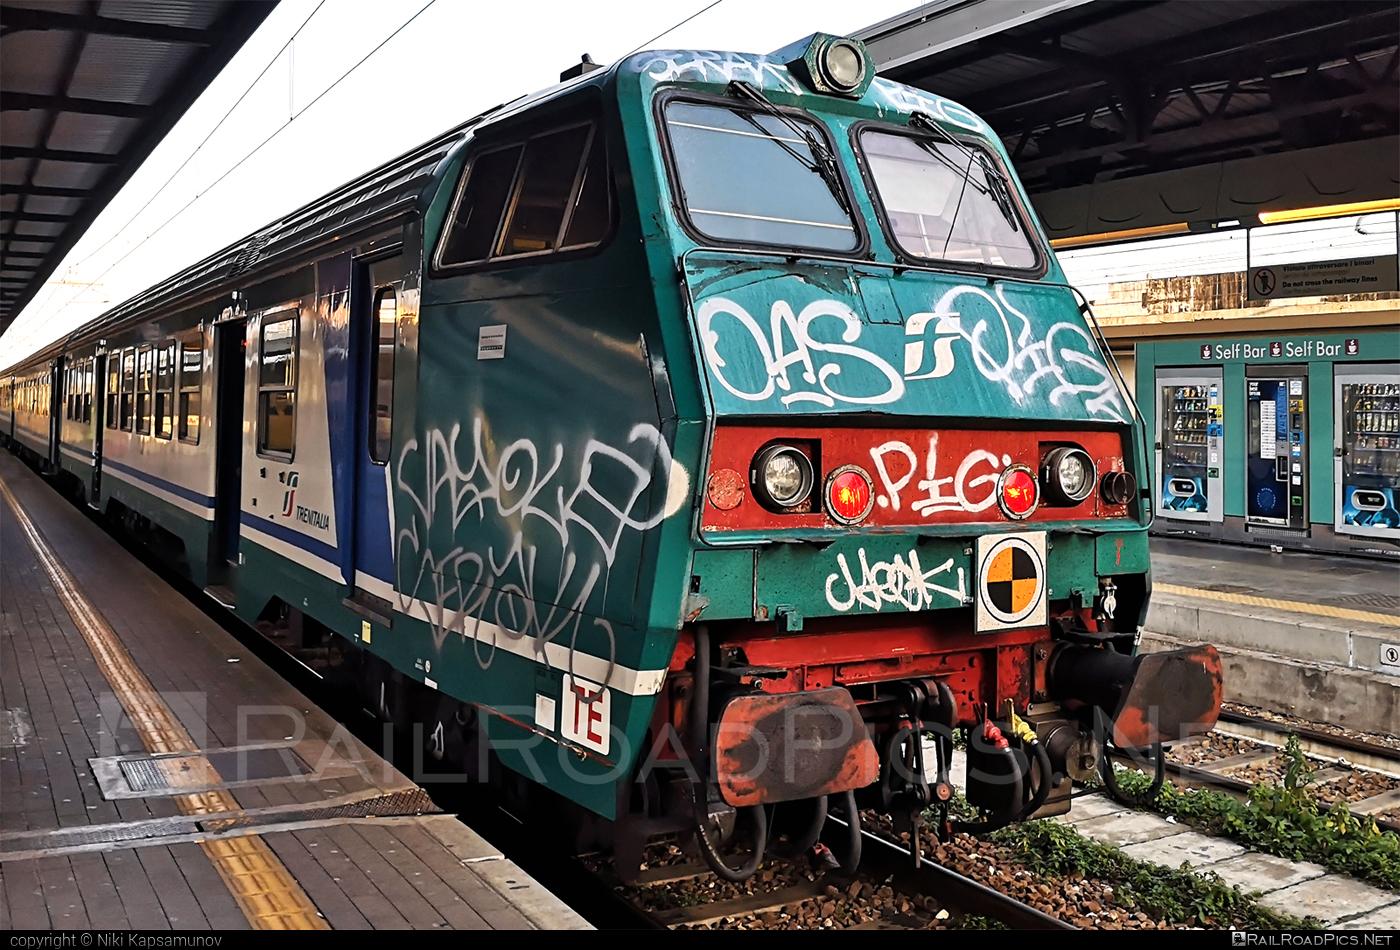 Class B - MDVC semi-pilot - Unknown vehicle ID operated by Trenitalia S.p.A. #ferroviedellostato #fs #fsitaliane #mdvc #trenitalia #trenitaliaspa #xmpr